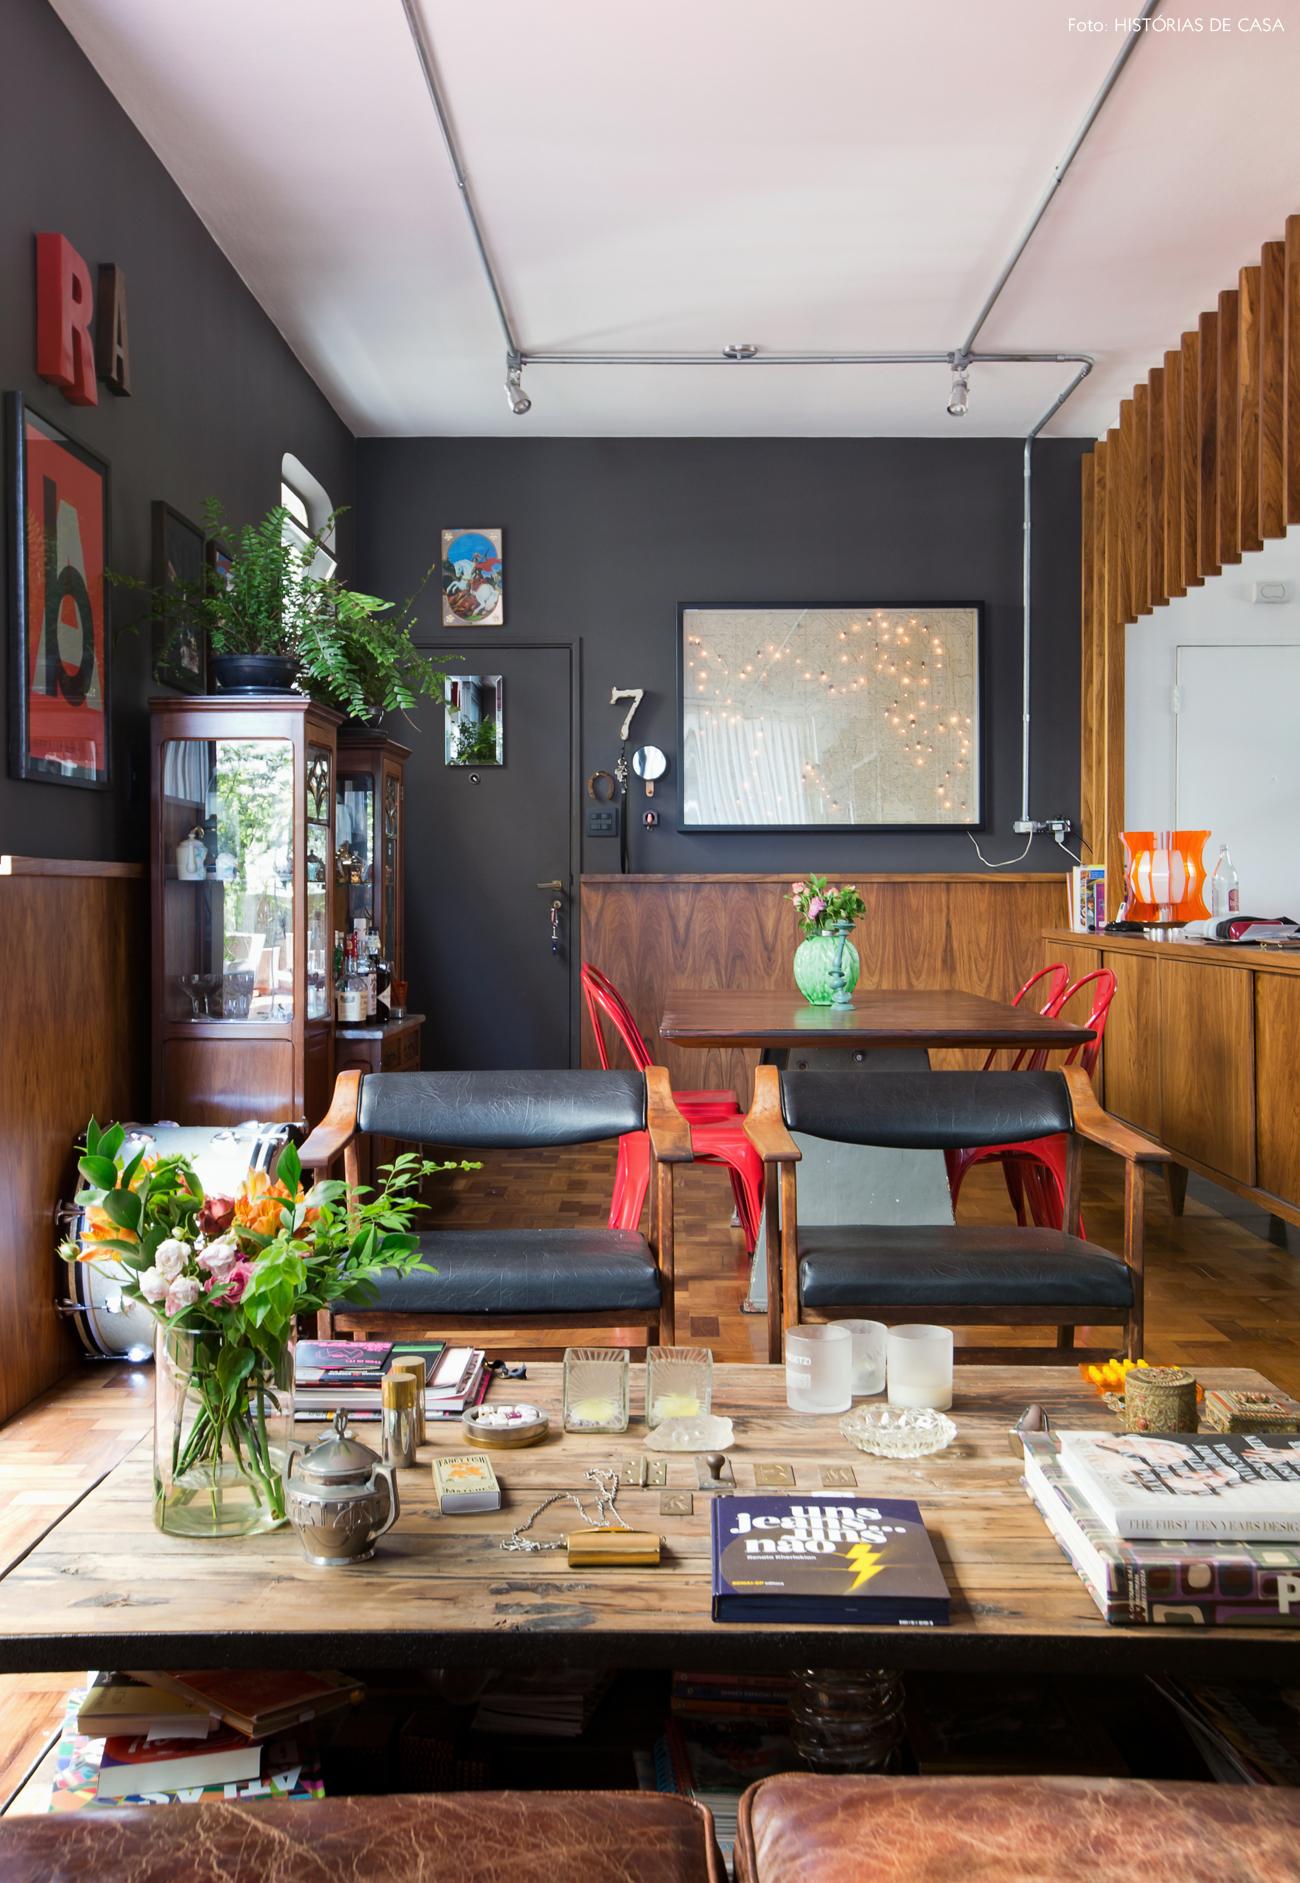 01-decoracao-apartamento-paredes-escuras-marcenaria-estilo-vintage